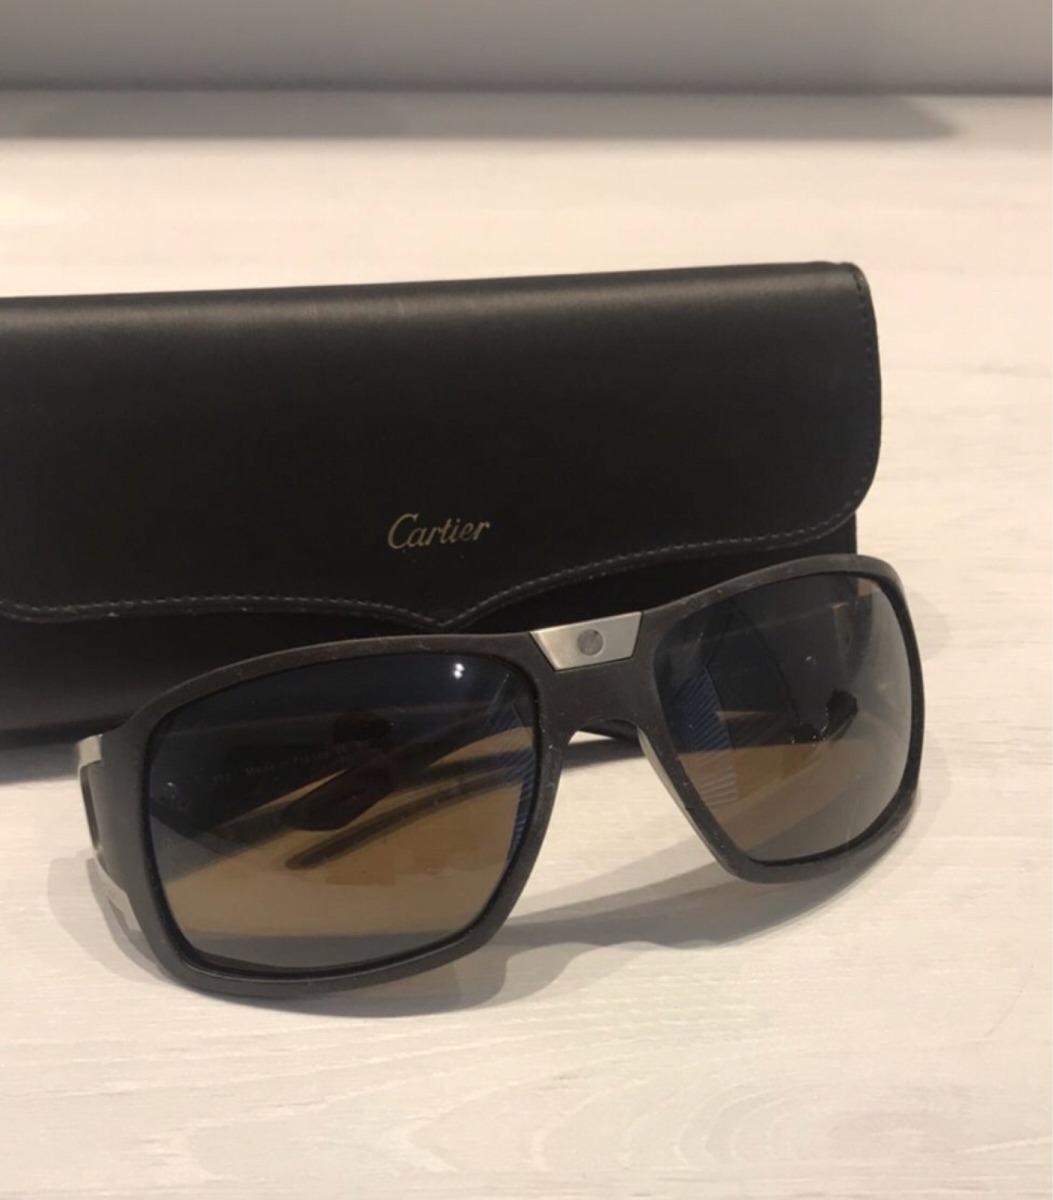 1d8ceefdc26a4 Óculos De Sol Cartier - R  2.500,00 em Mercado Livre